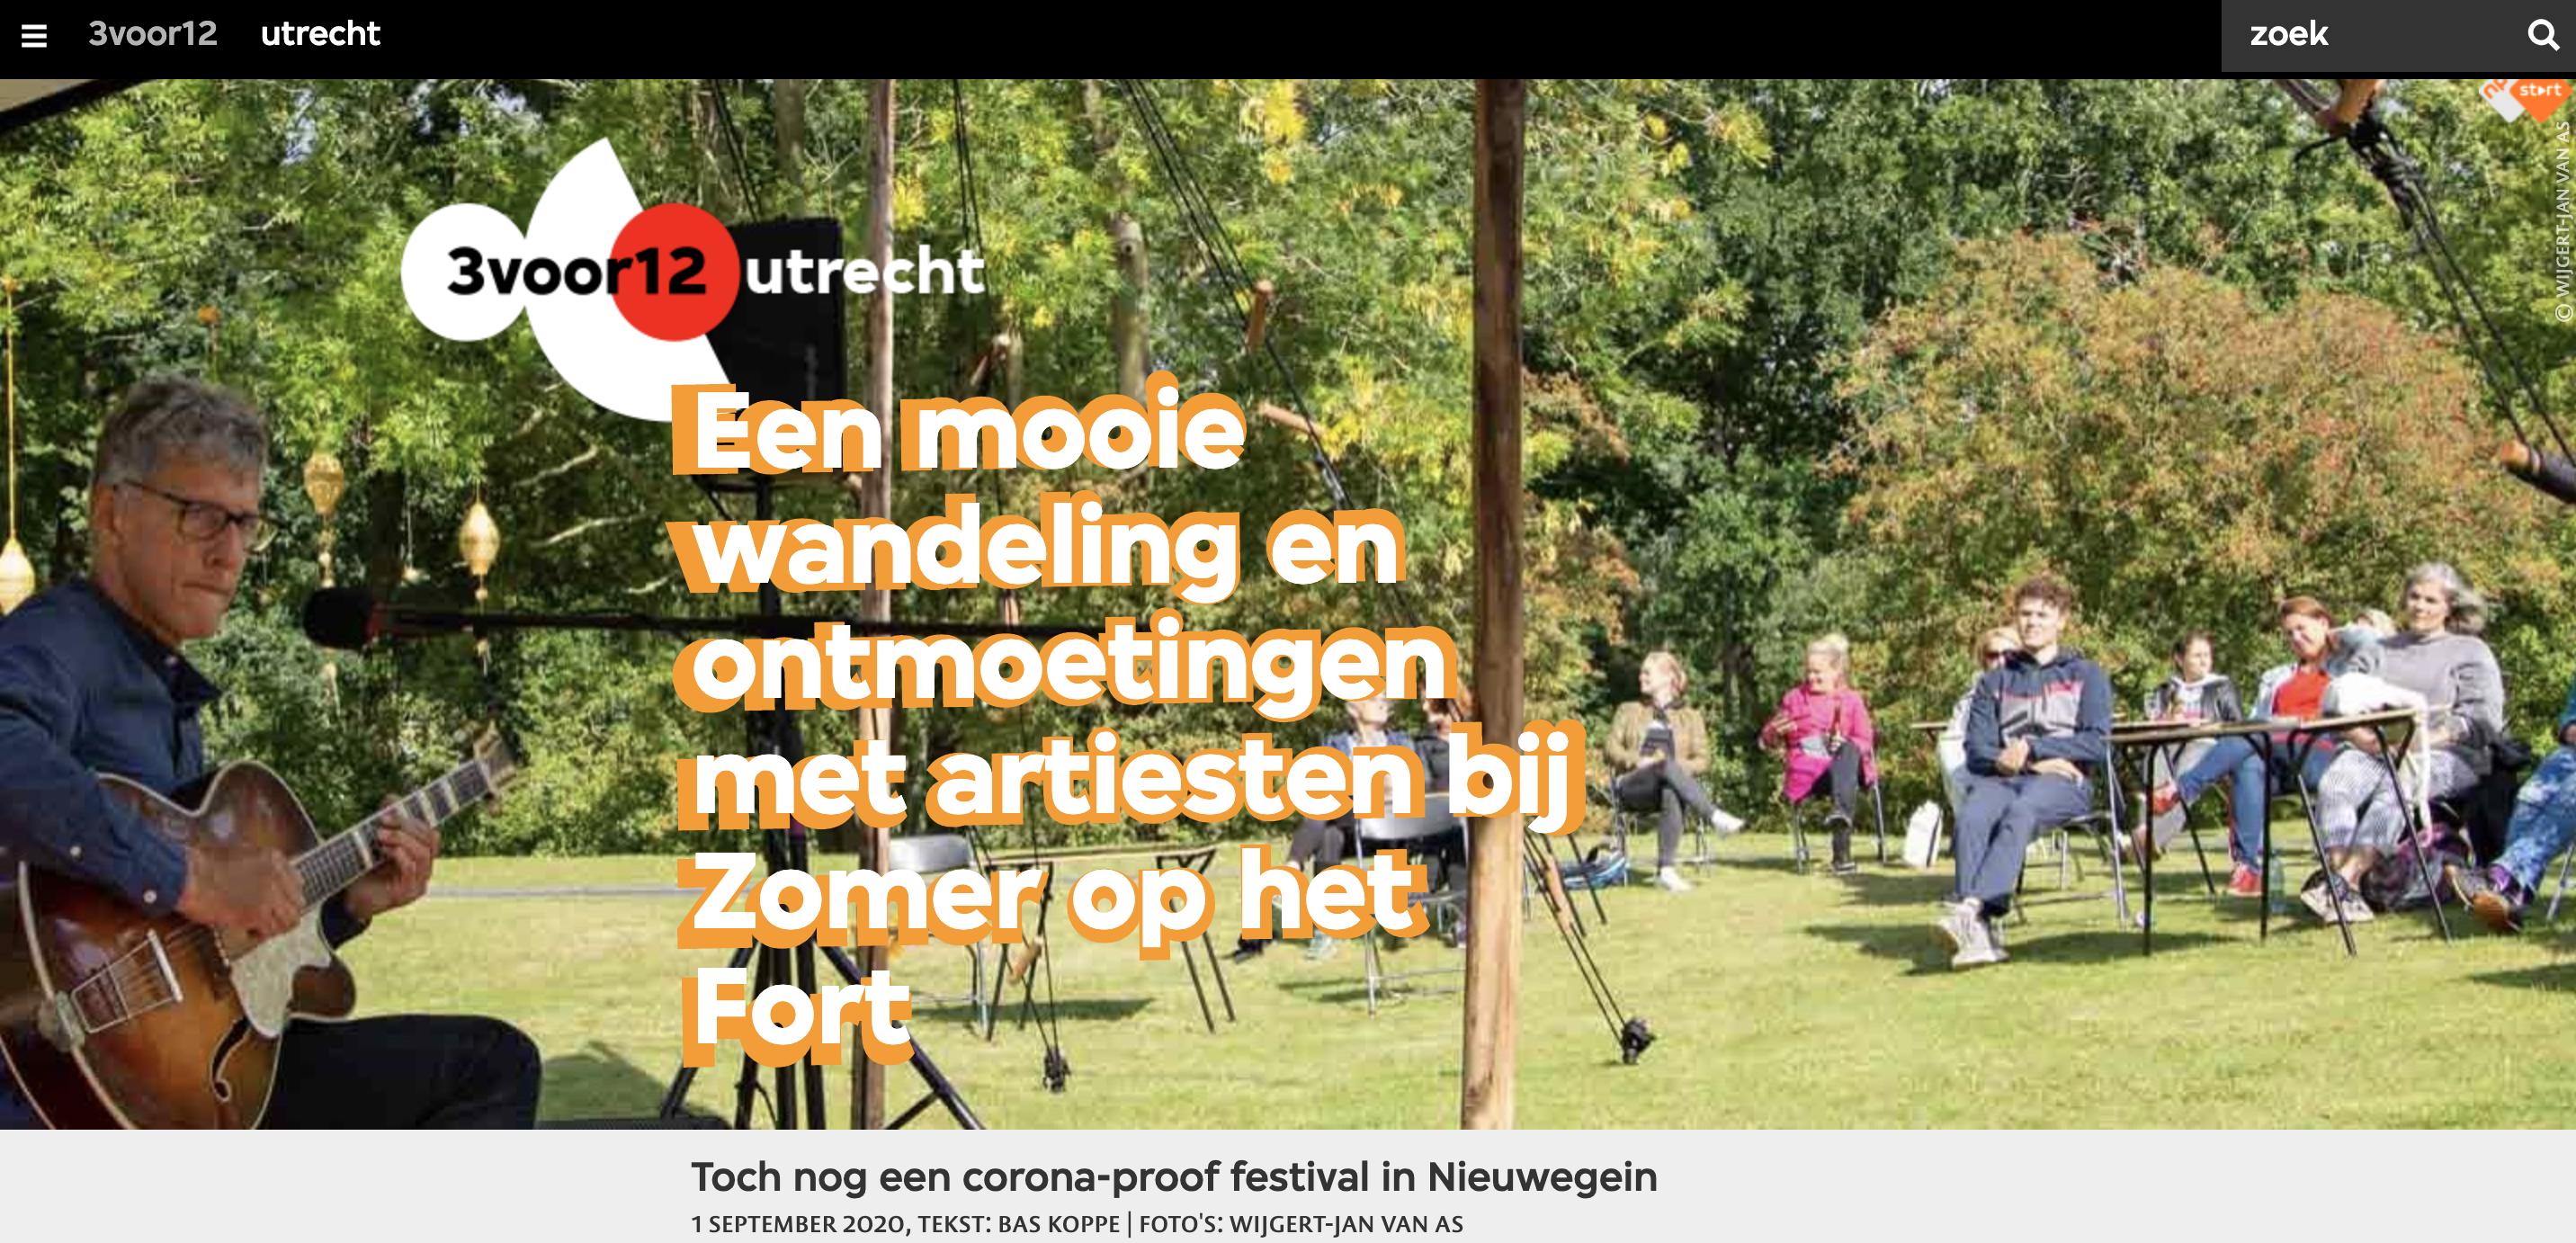 3voor12 Utrecht